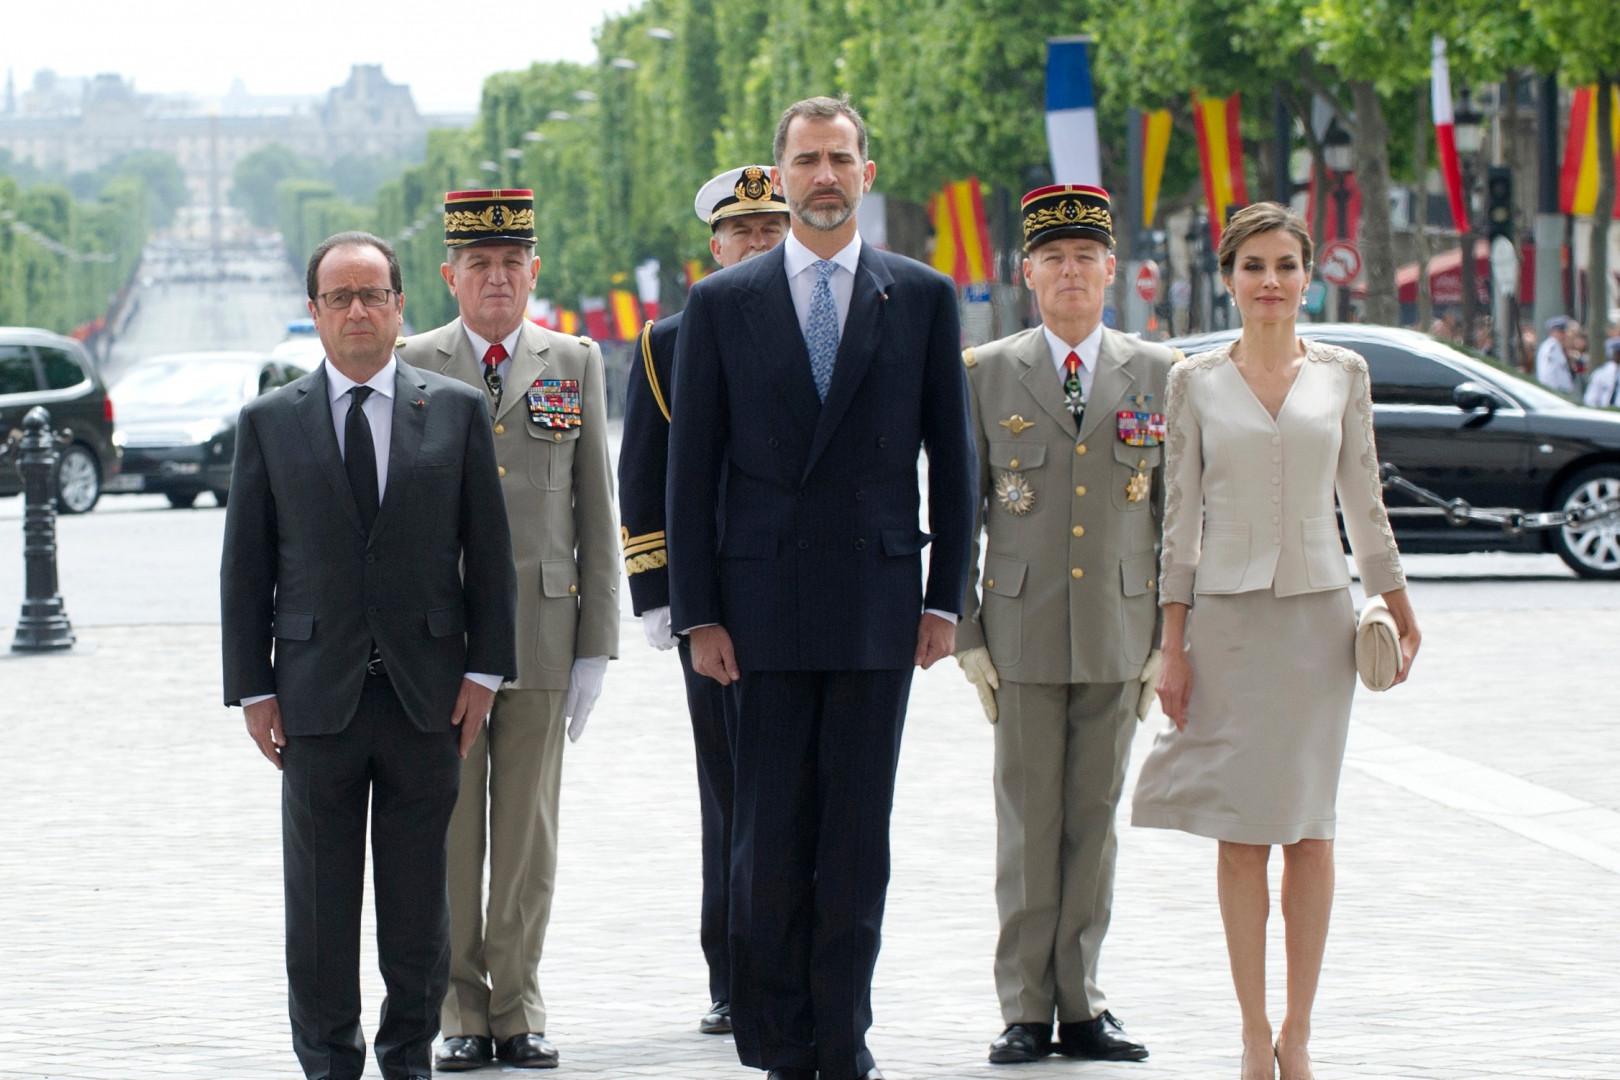 Letizia et Felipe d'Espagne avec François Hollande sur les Champs-Elysées